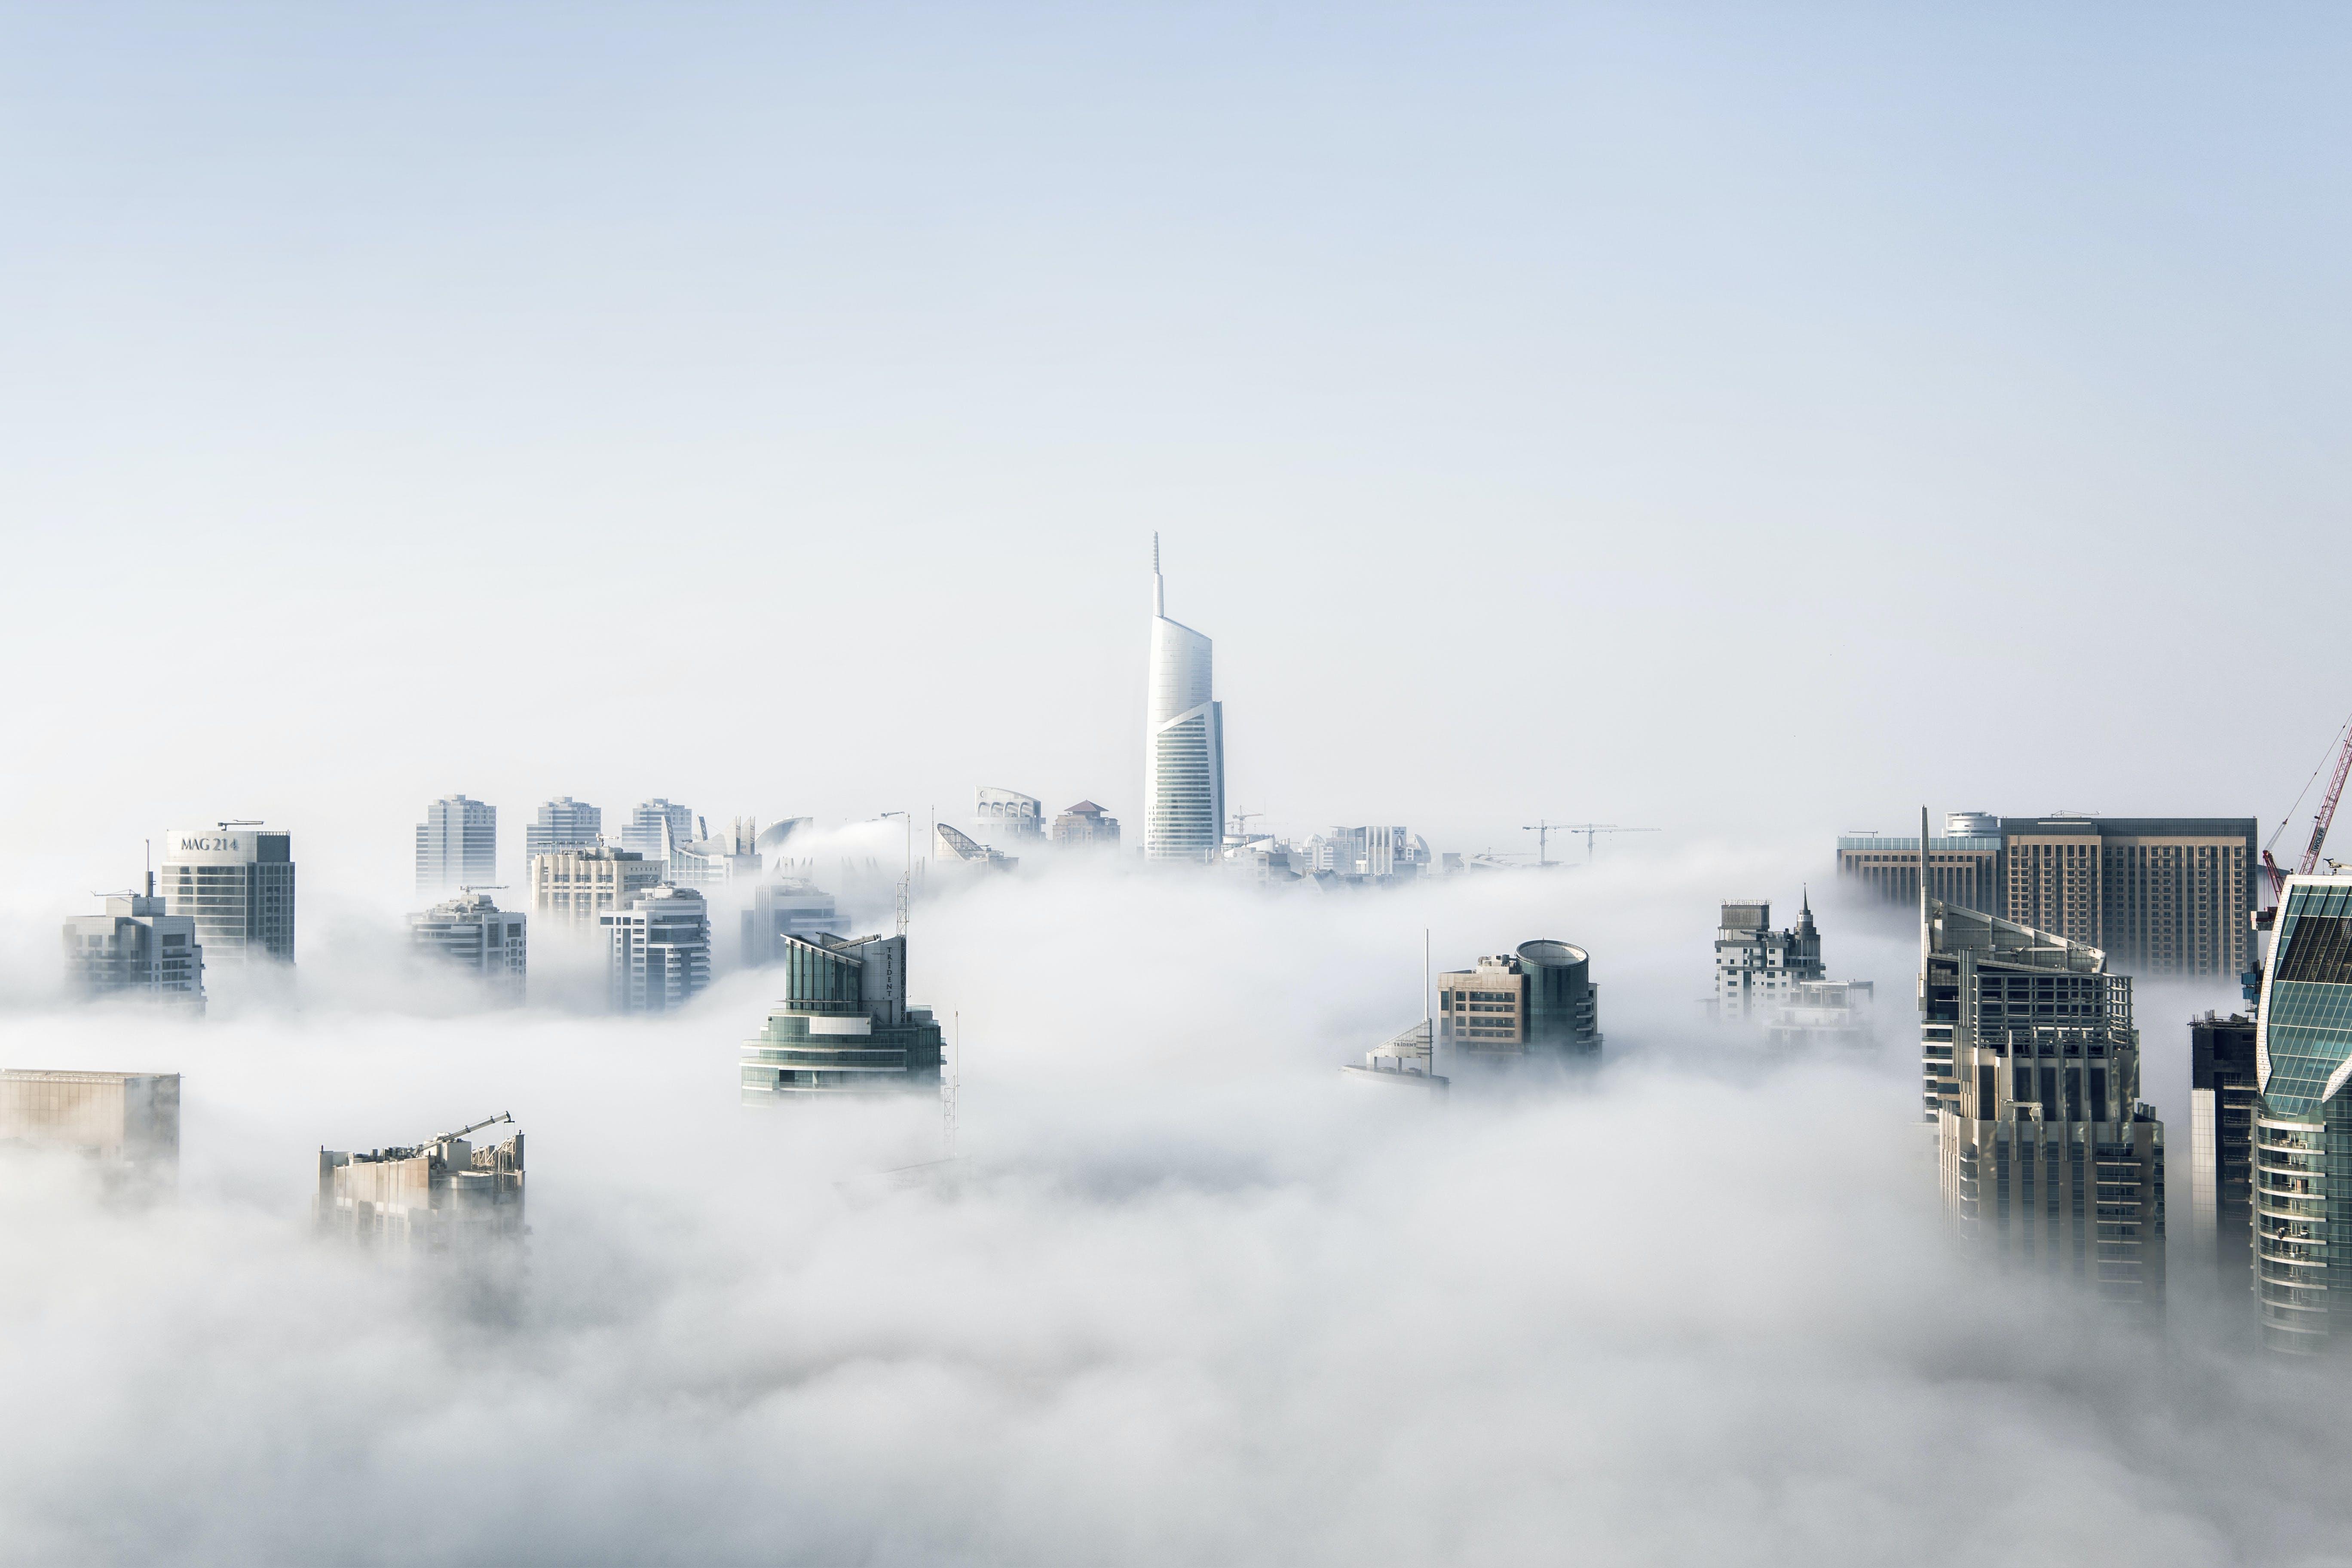 Kostenloses Stock Foto zu architektur, bewölkt, business, draußen